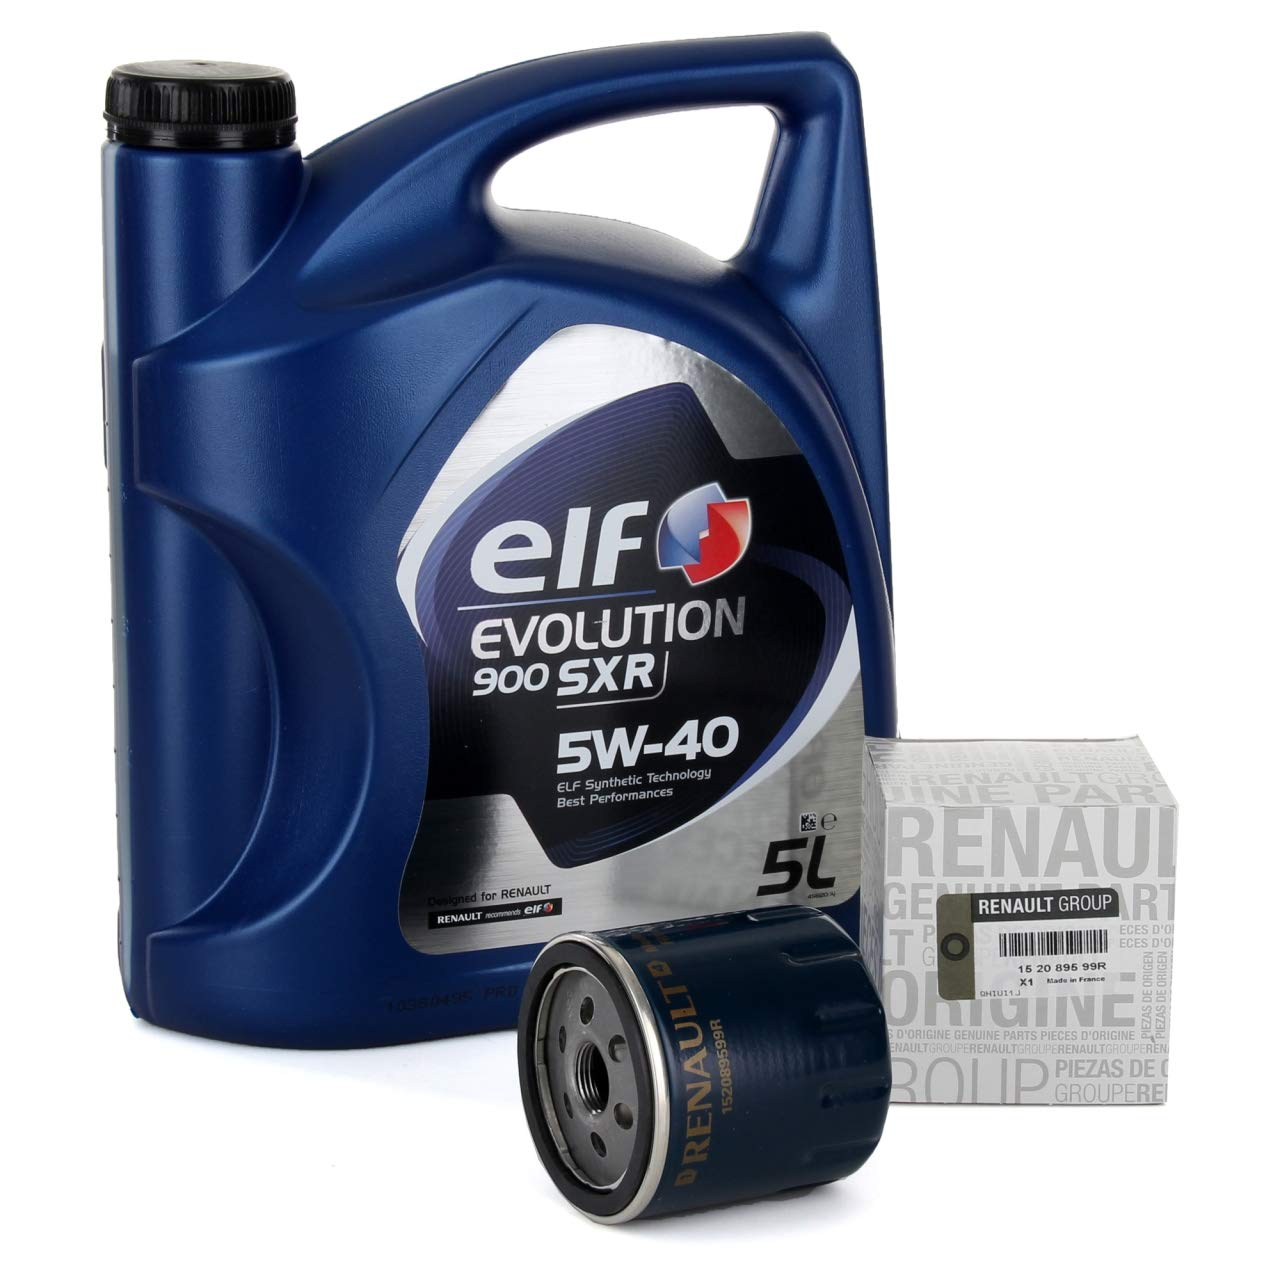 Duo Servicio Cambio de Aceite - Elf Evolution SXR 5W-40 5 lts + Filtro aceite Original 152089599R: Amazon.es: Coche y moto